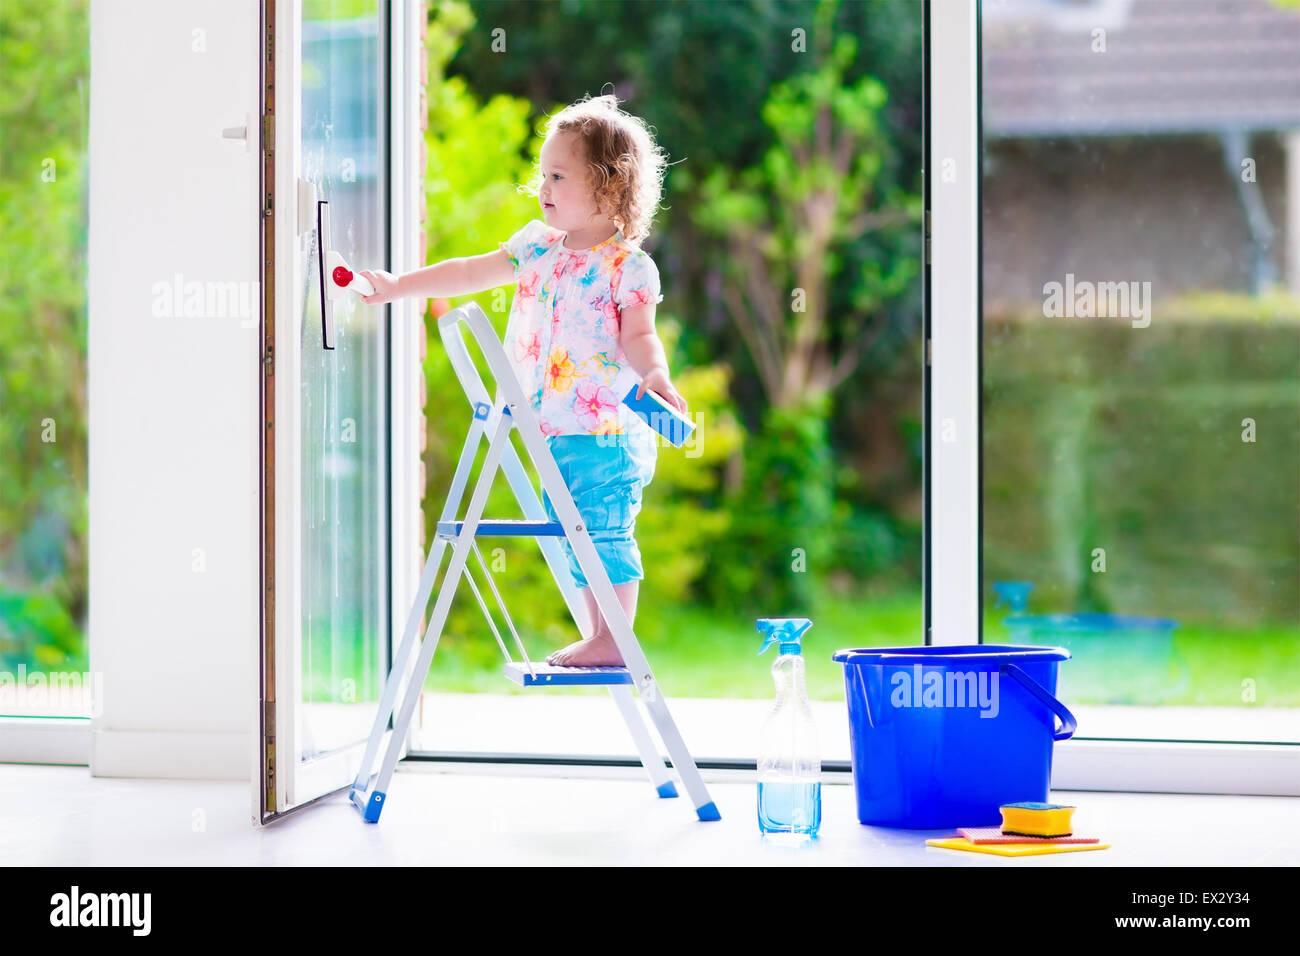 Bambina il lavaggio di una finestra. Kids pulire la casa. Aiutare i bambini a casa. Il Toddler kid la pulizia di Immagini Stock